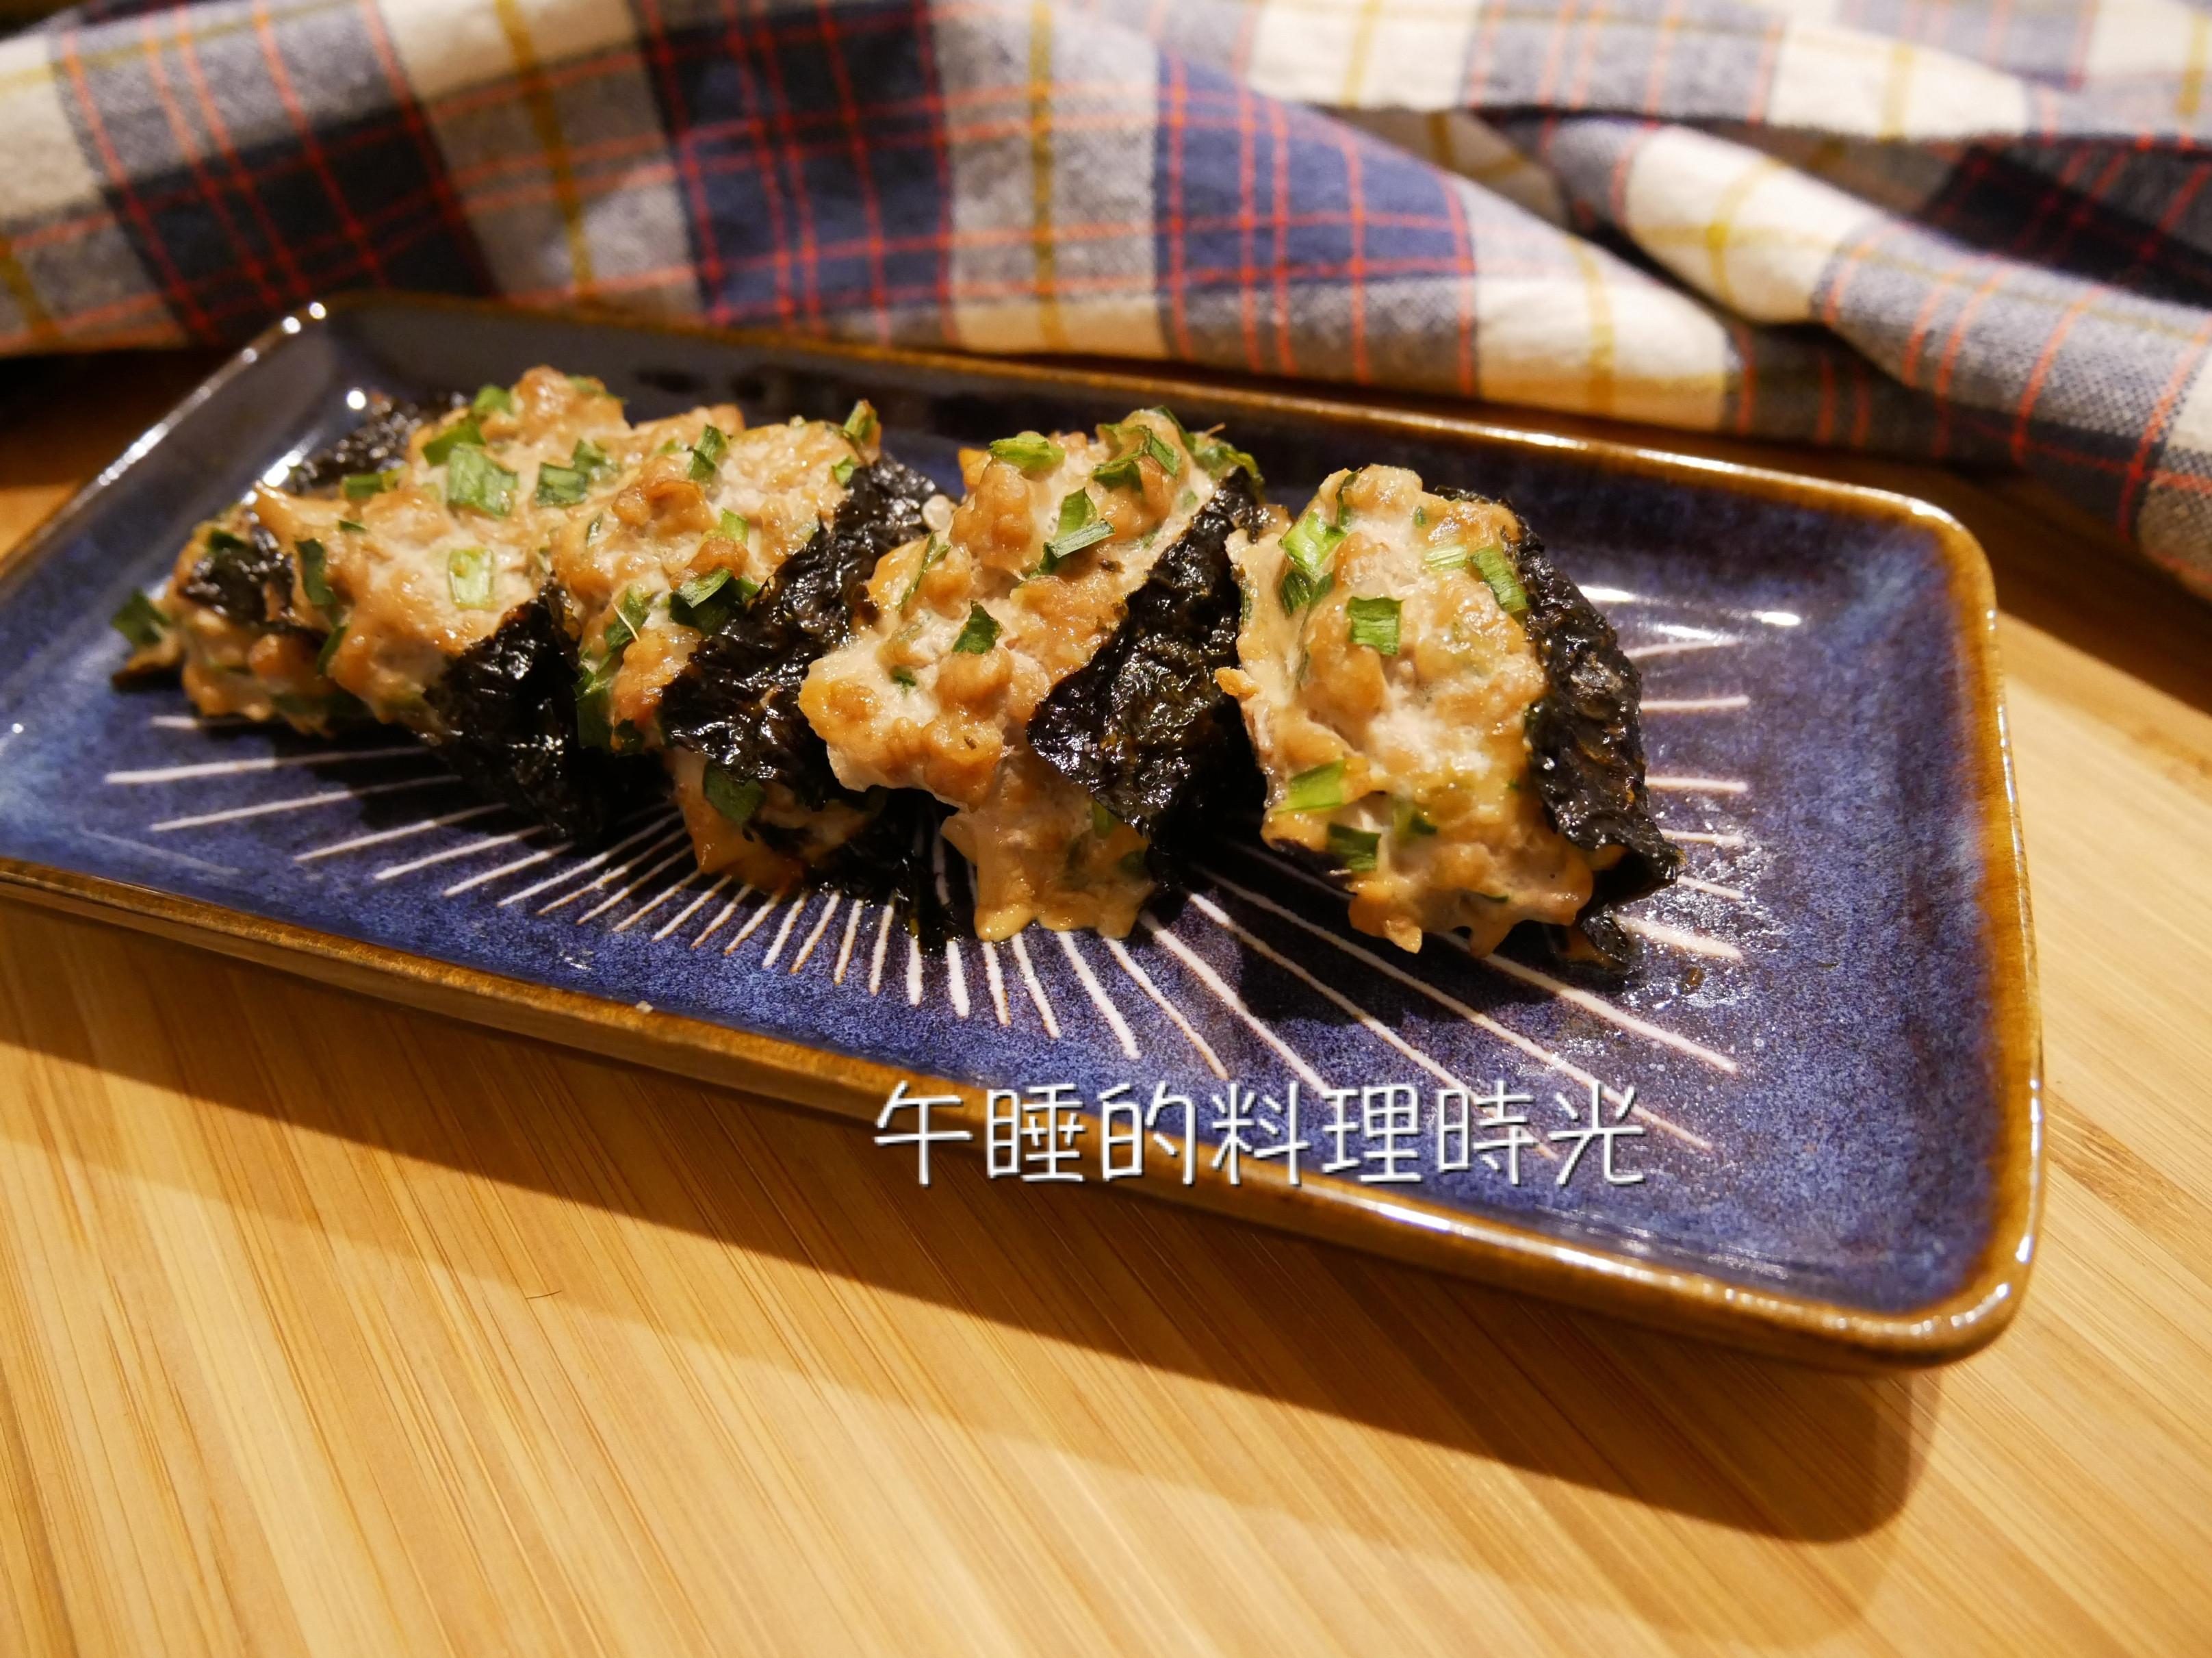 減脂餐料理-海苔韭菜肉餅